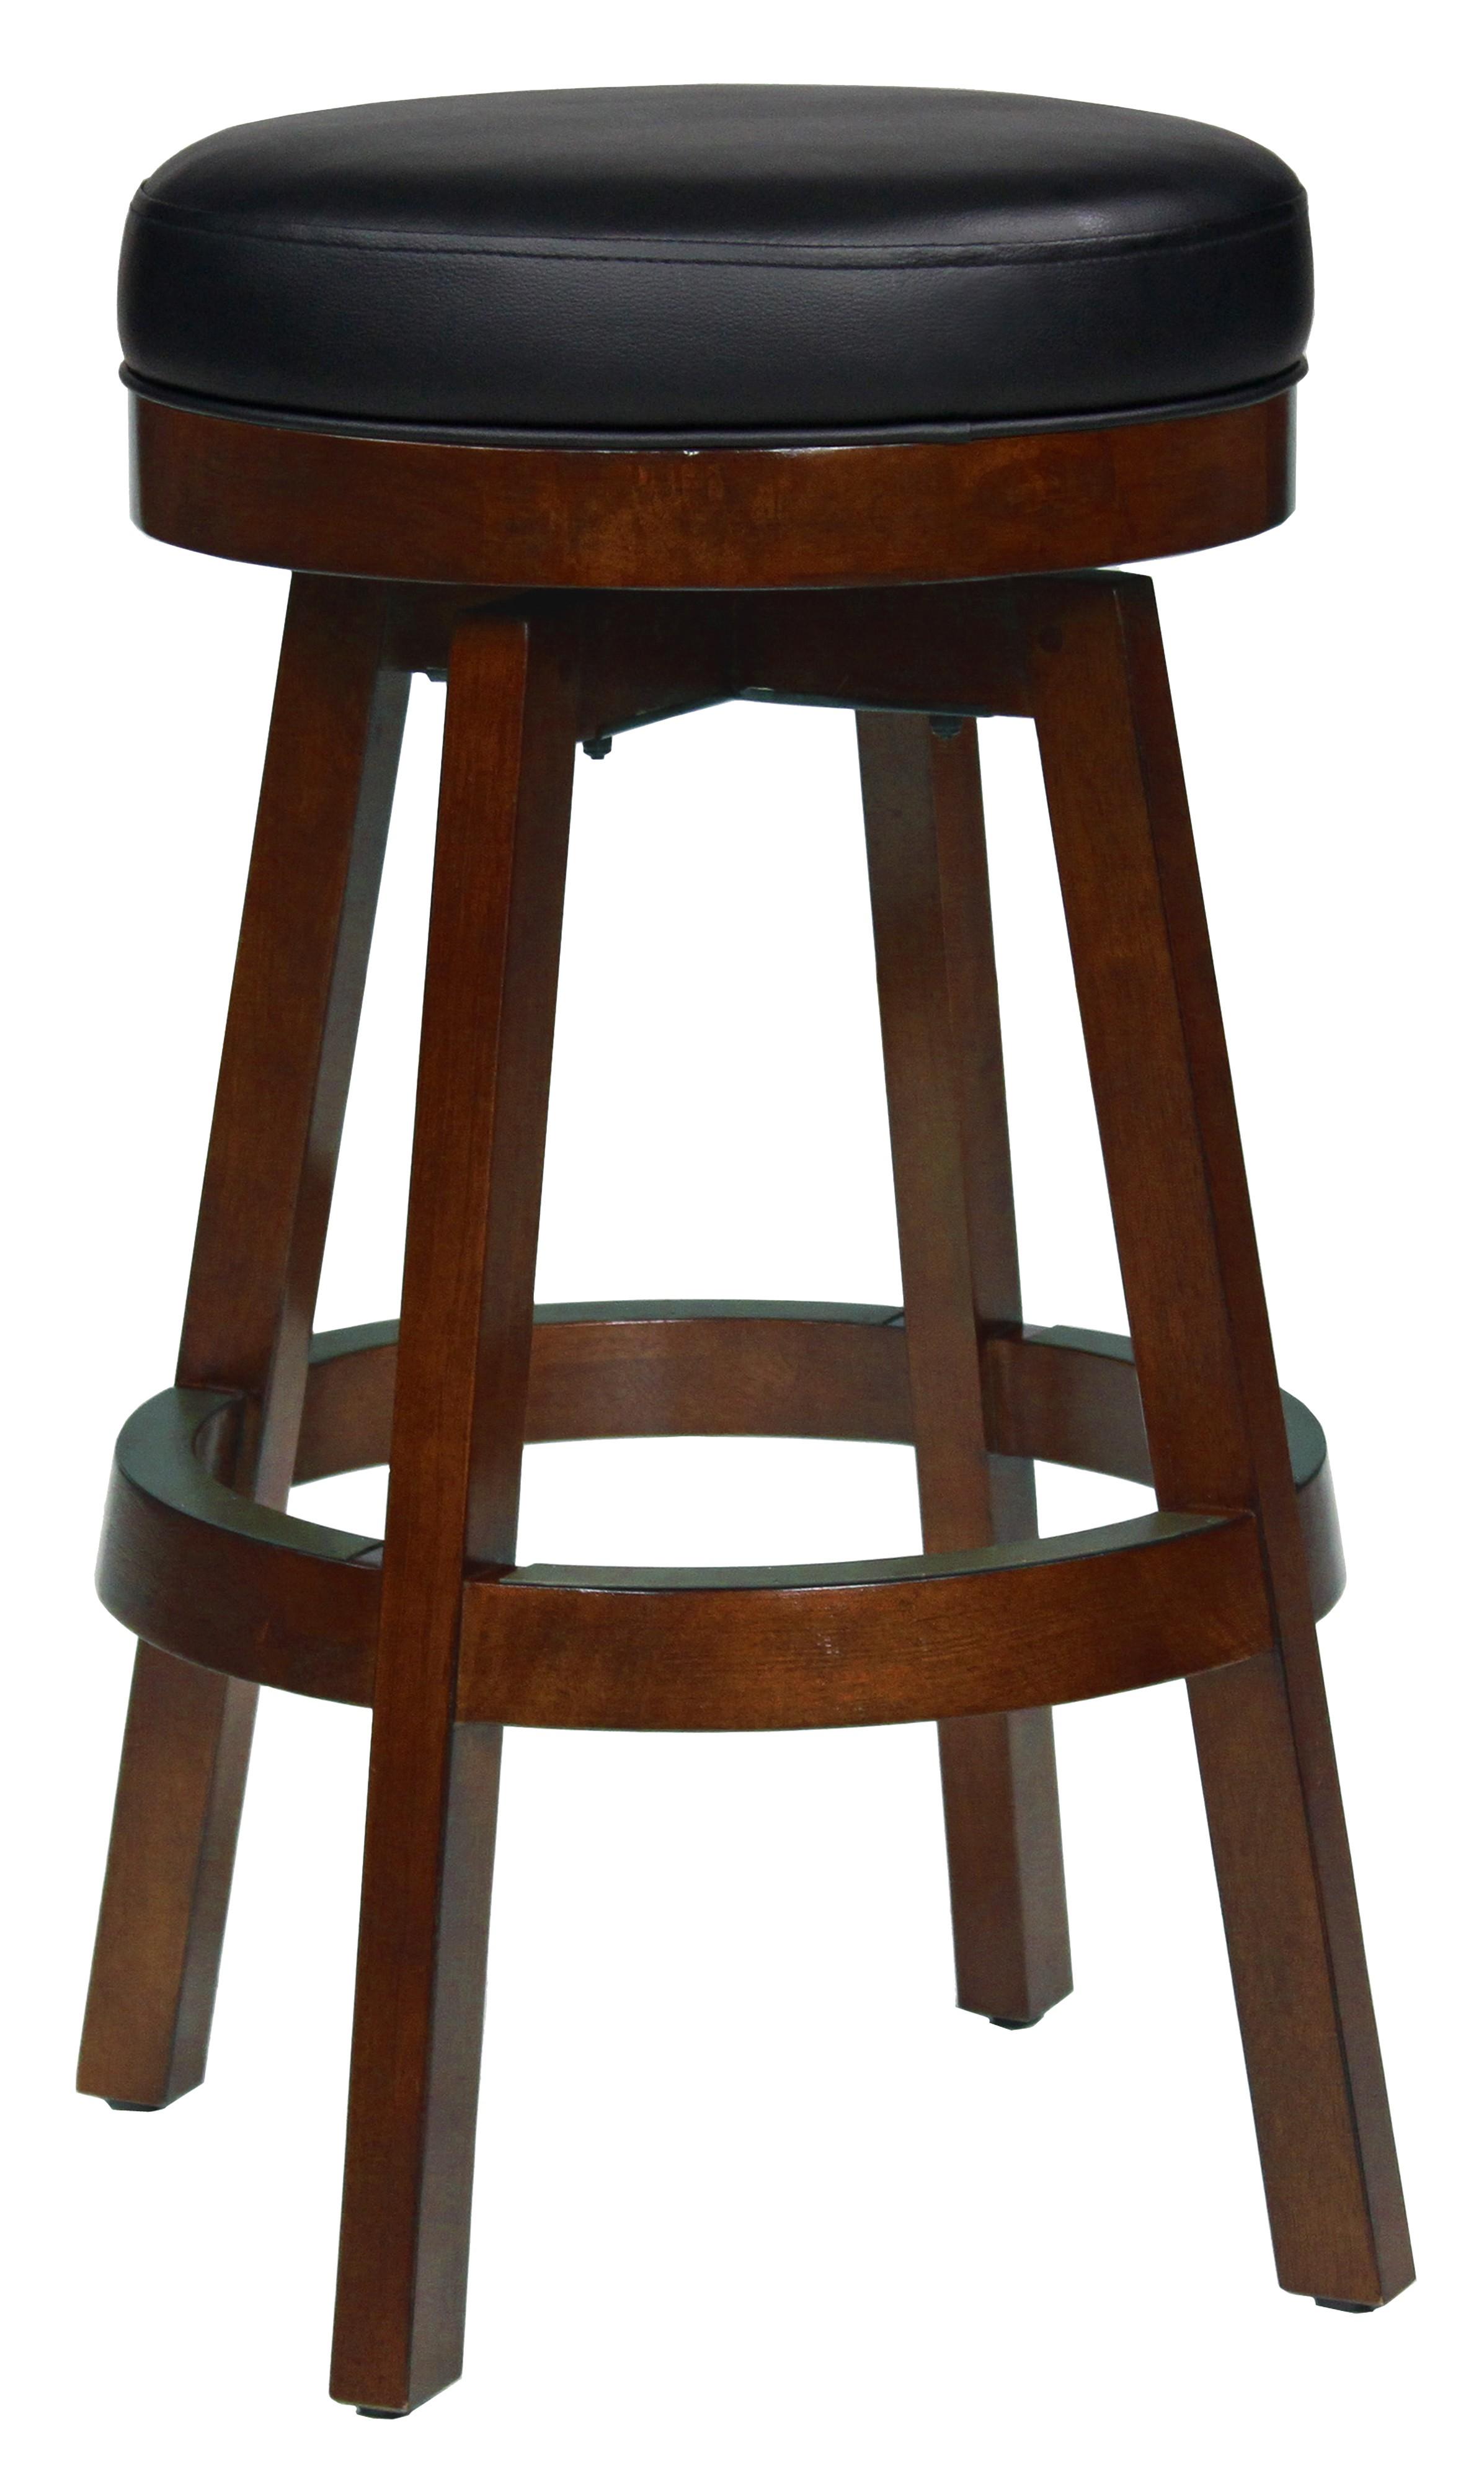 Fine Classic Backless Bar Stool In Black Cherry Short Links Chair Design For Home Short Linksinfo